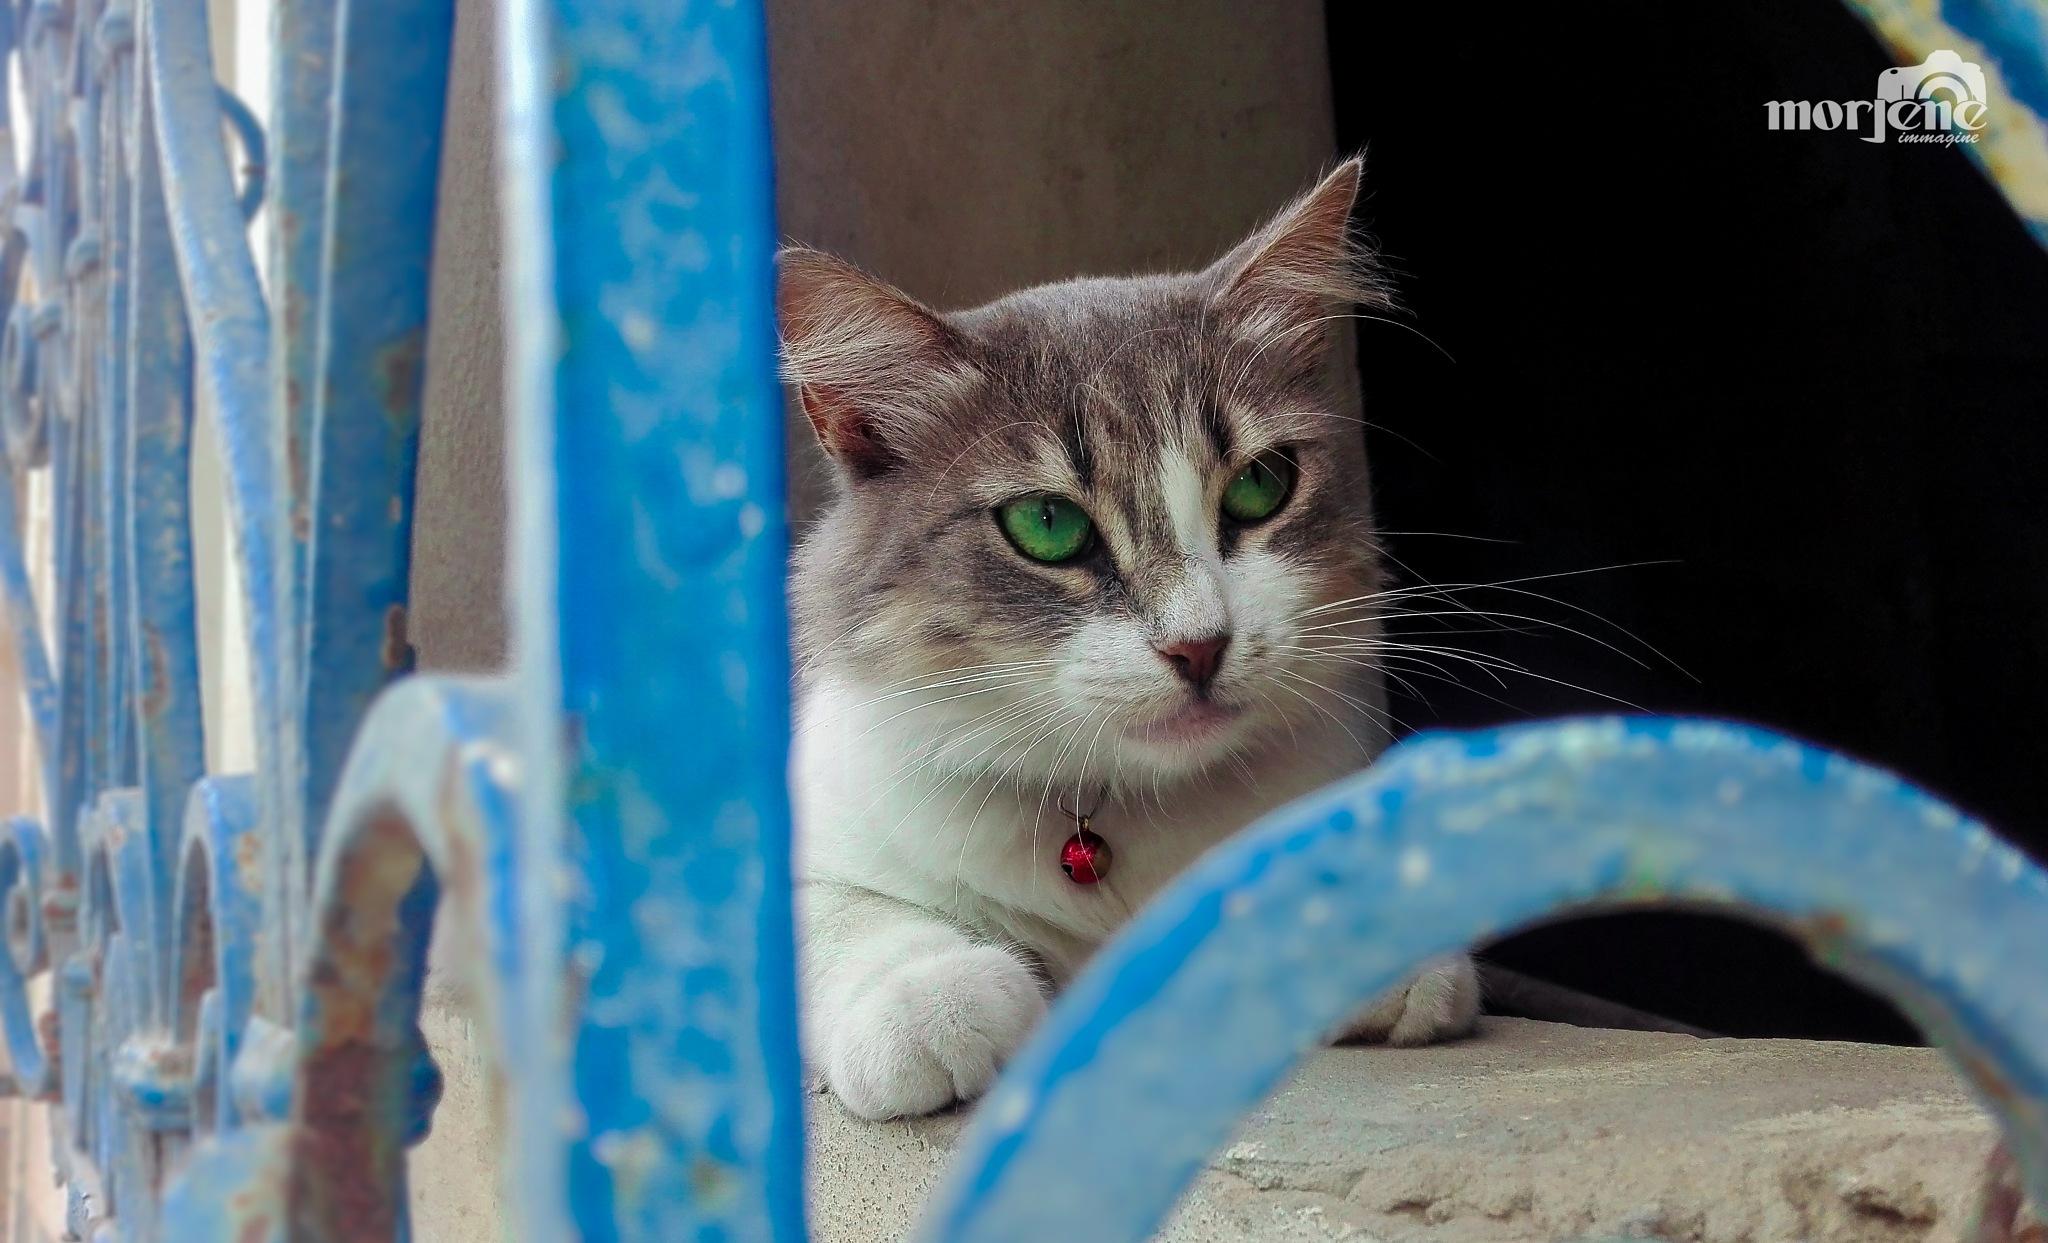 cat by Saif Morjene